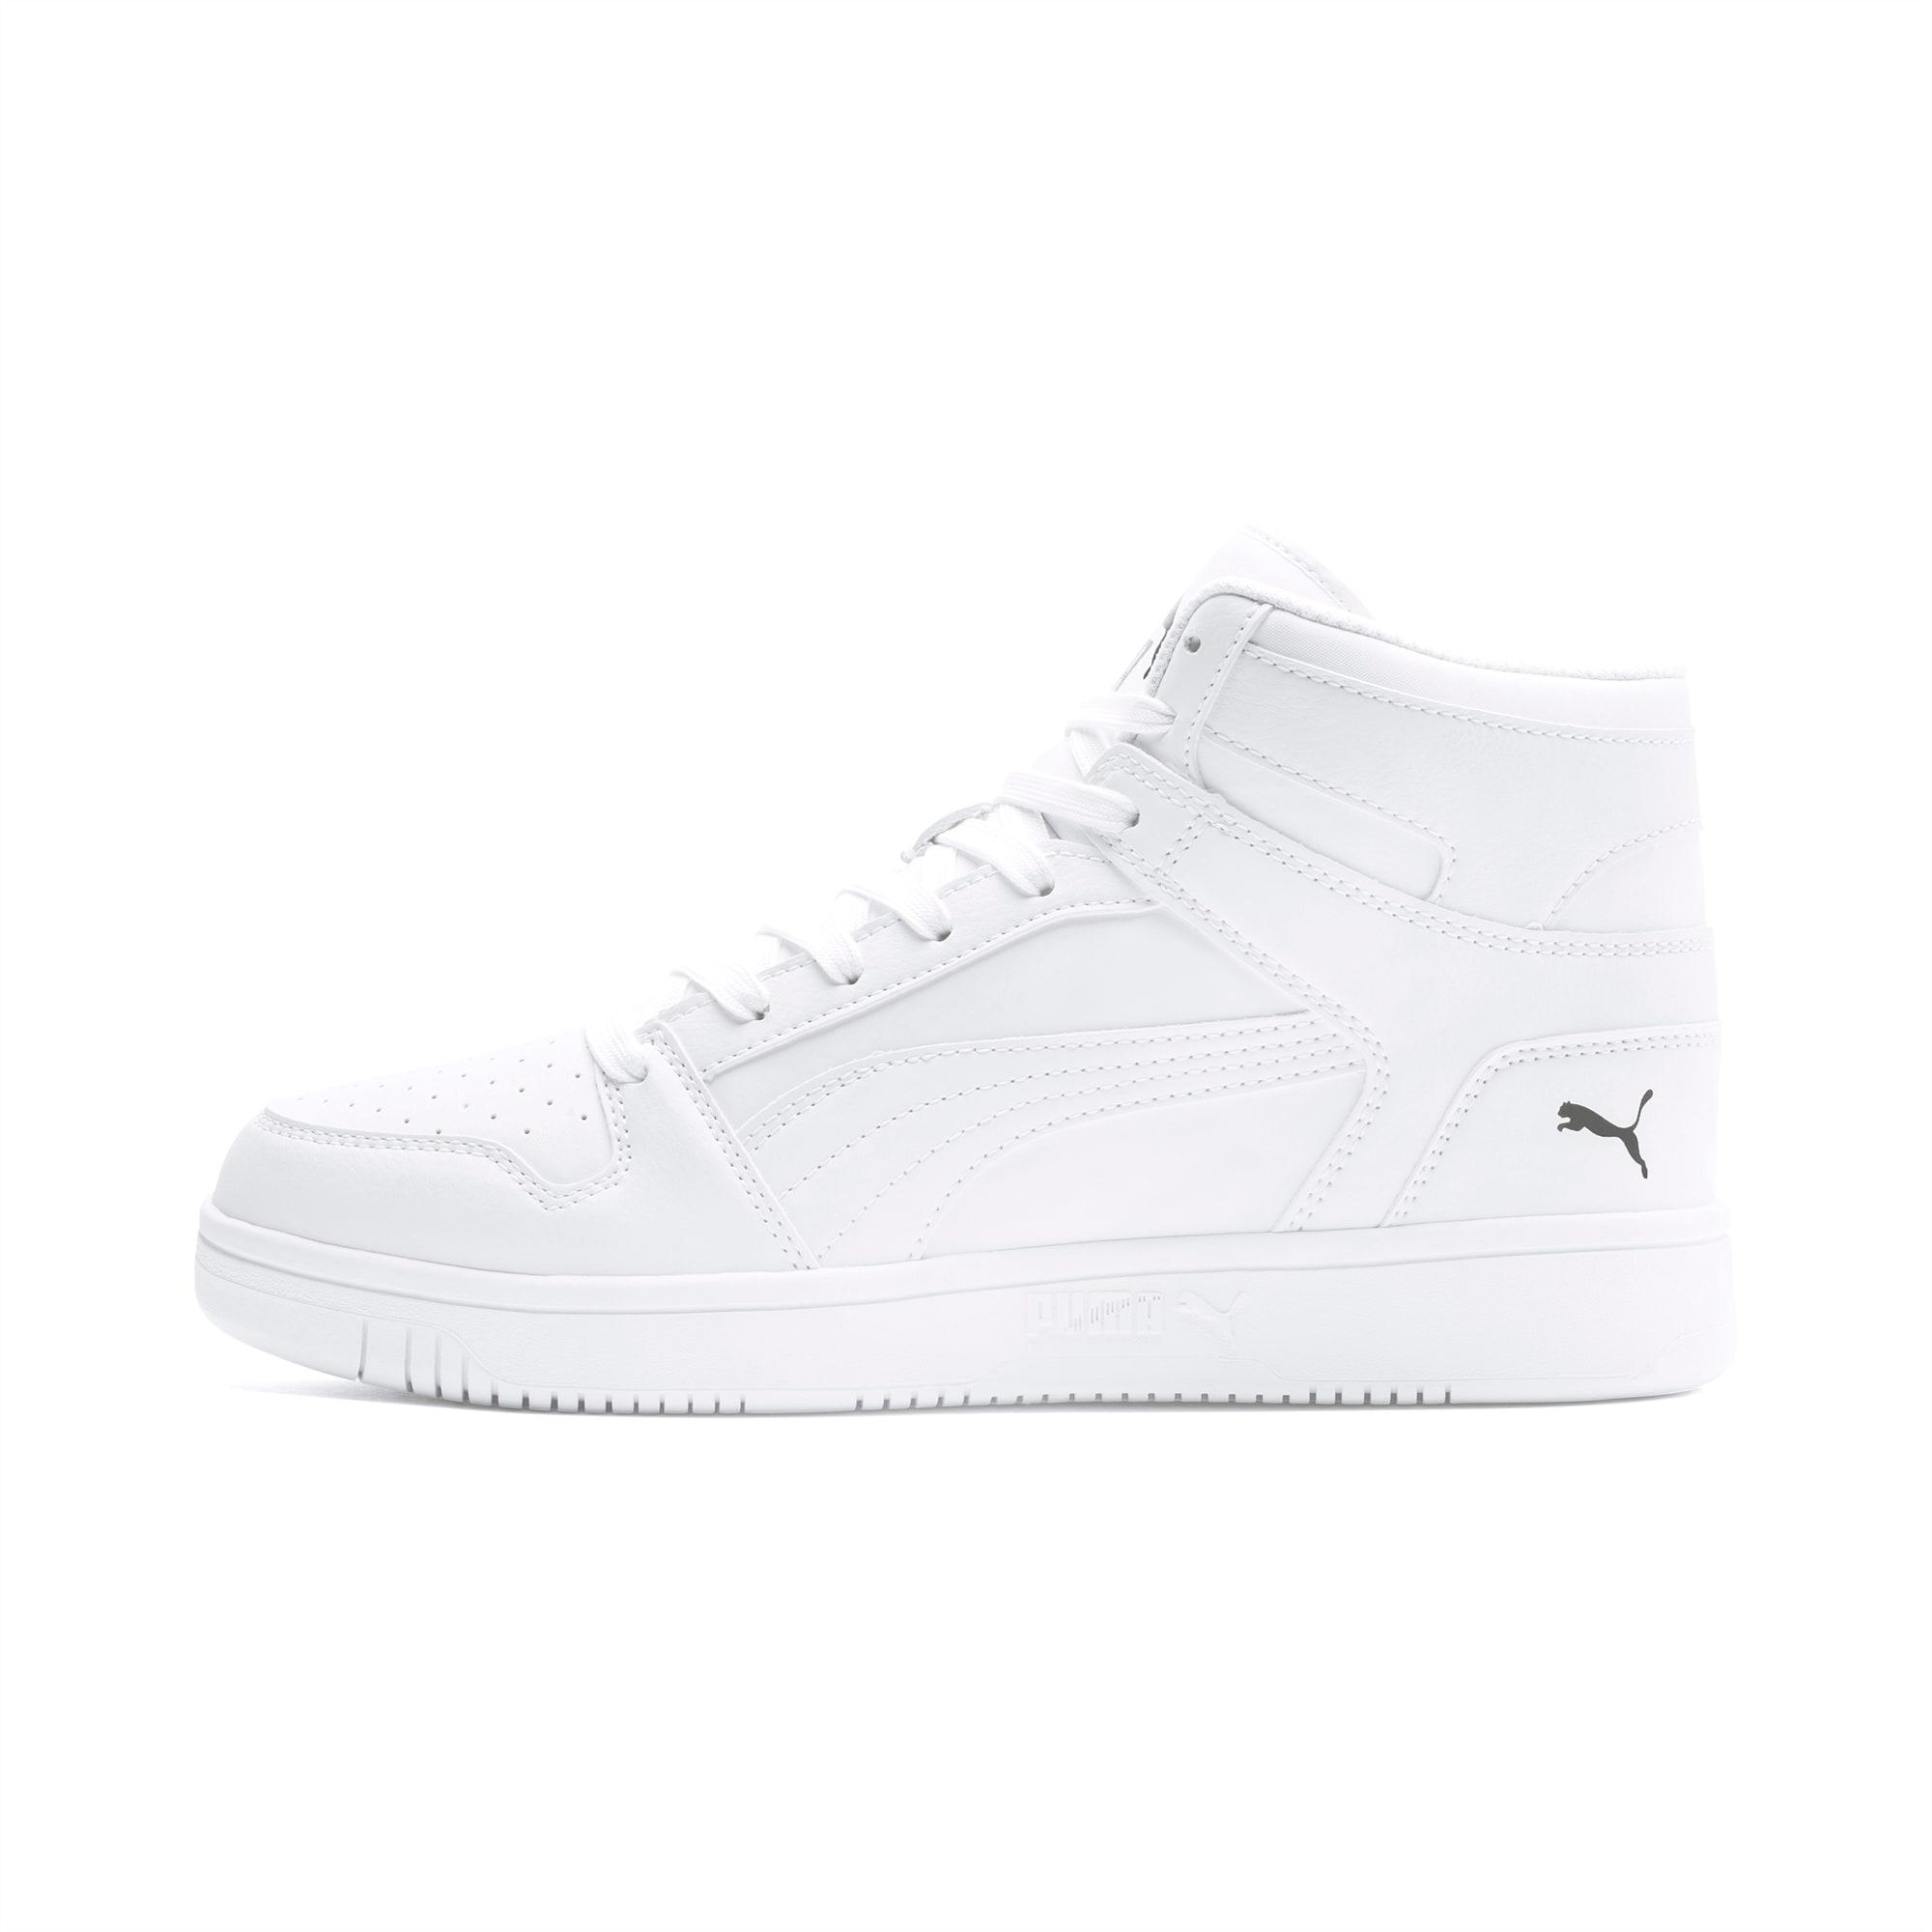 PUMA Chaussure Basket Rebound Lay Up, Blanc/Noir, Taille 43, Chaussures